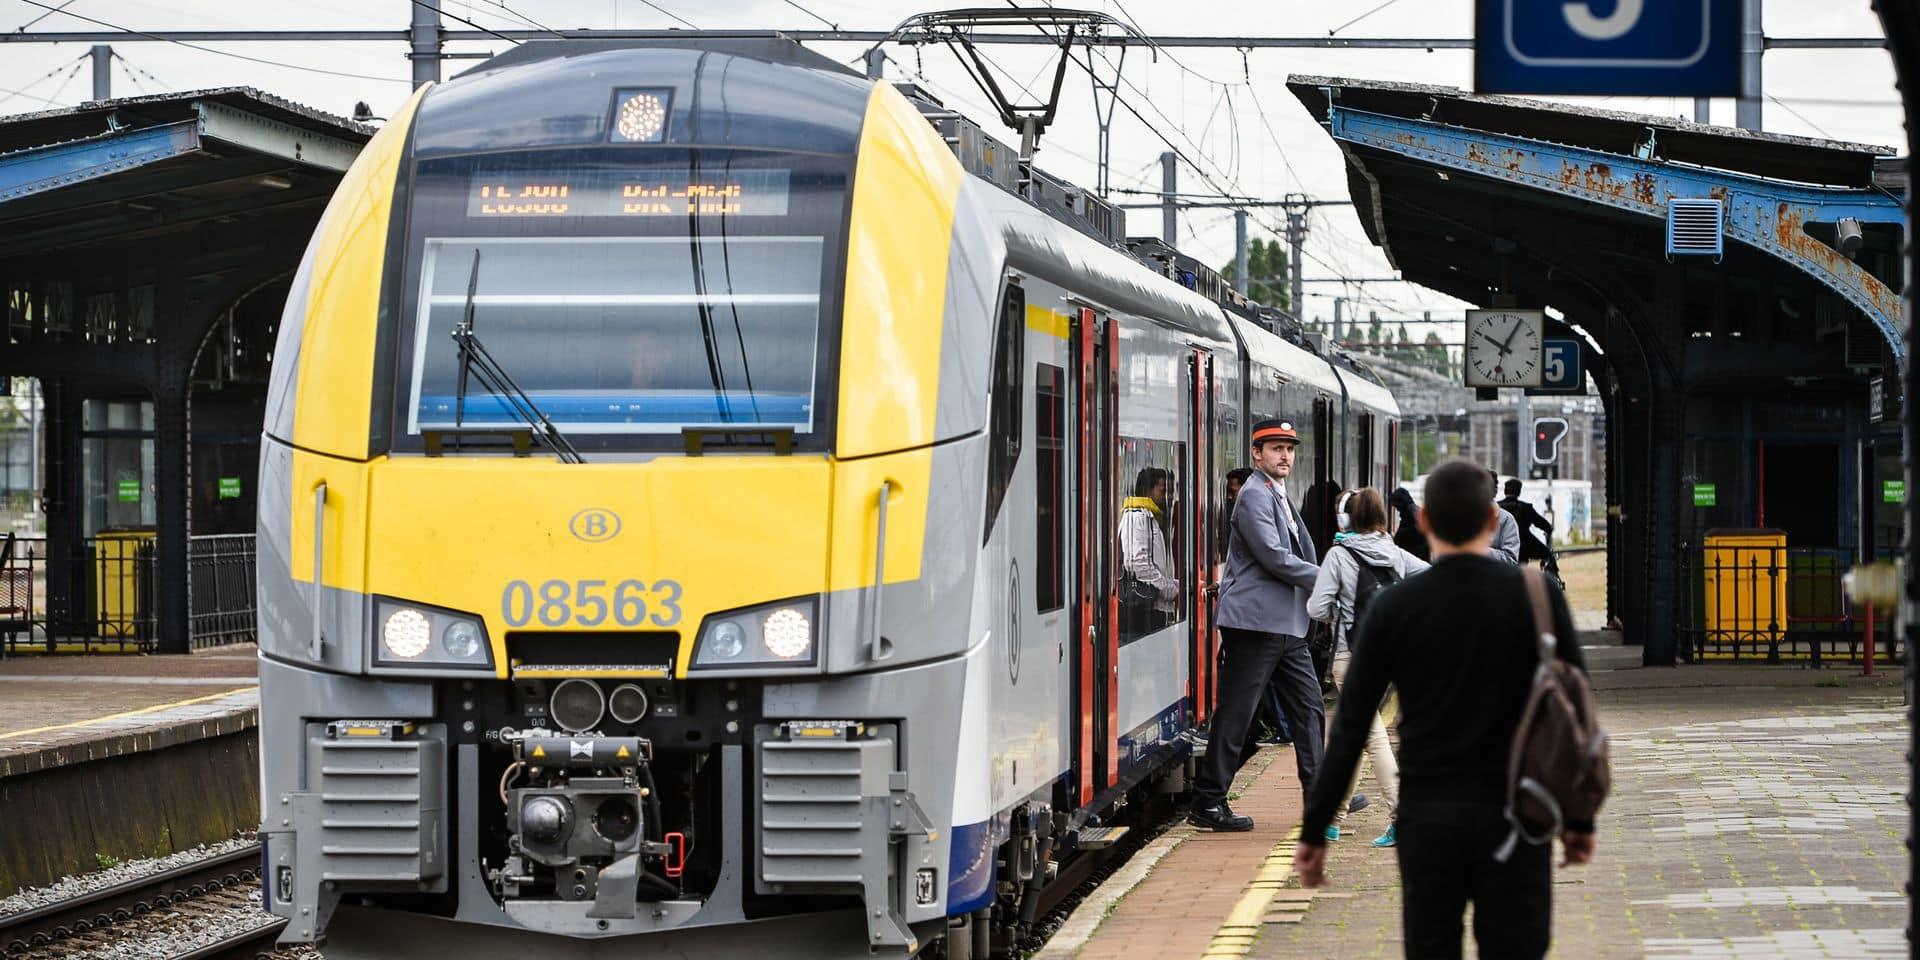 Cartes multi-trajets : la SNCB fait un geste, mais pas sur tous ses abonnements